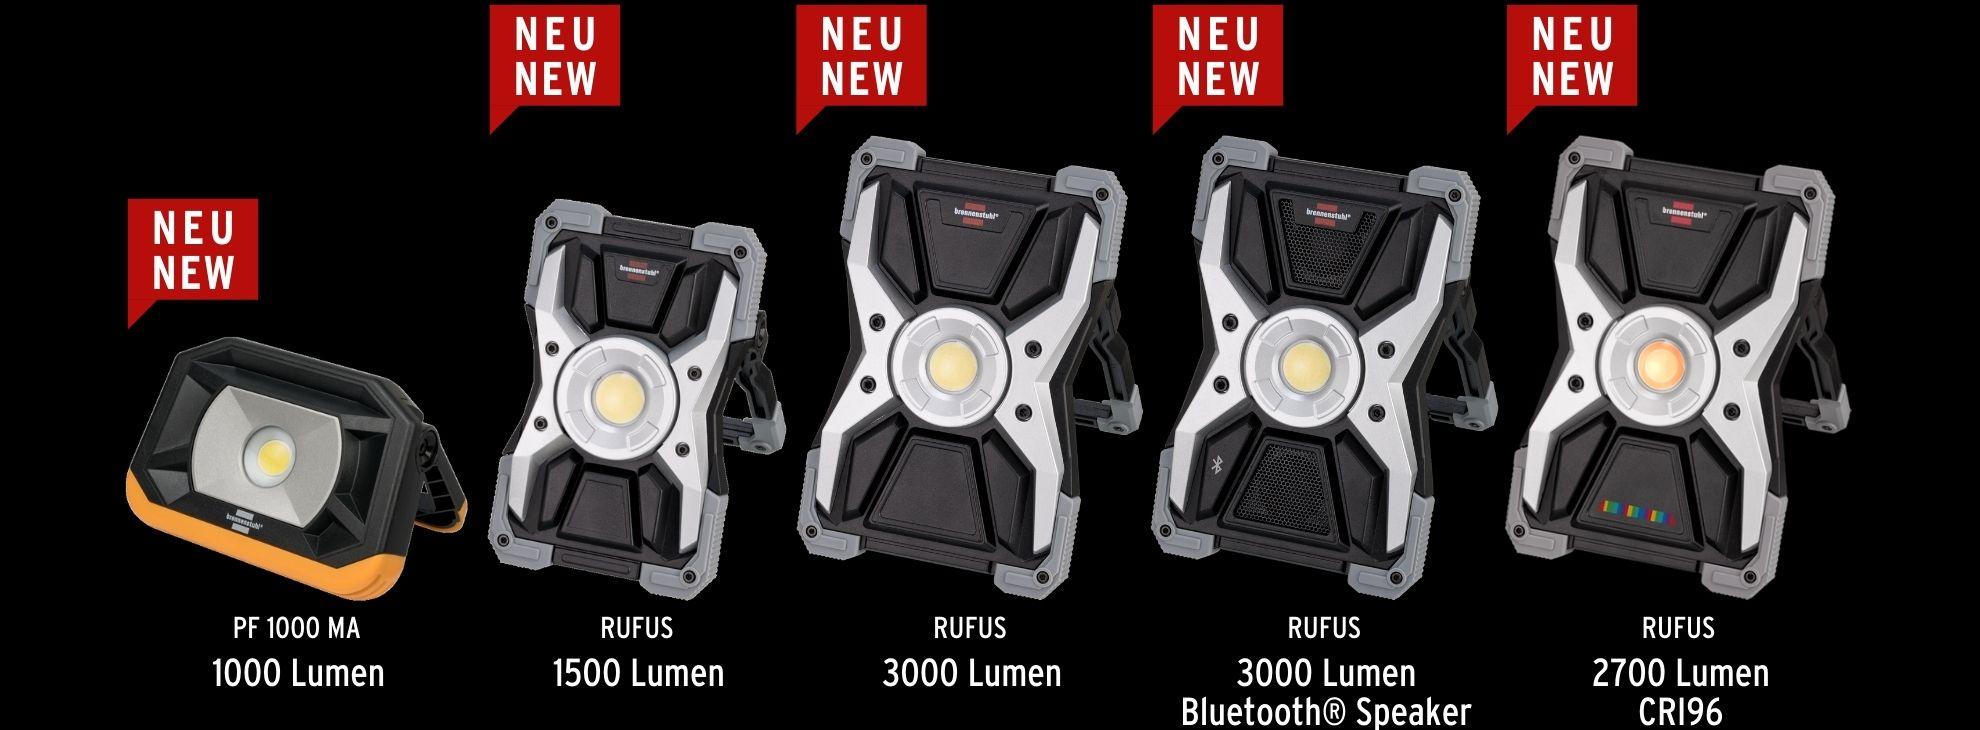 LED Arbeitslicht-Brennenstuhl LED Baustrahler-Handlampen-RUFUS-min